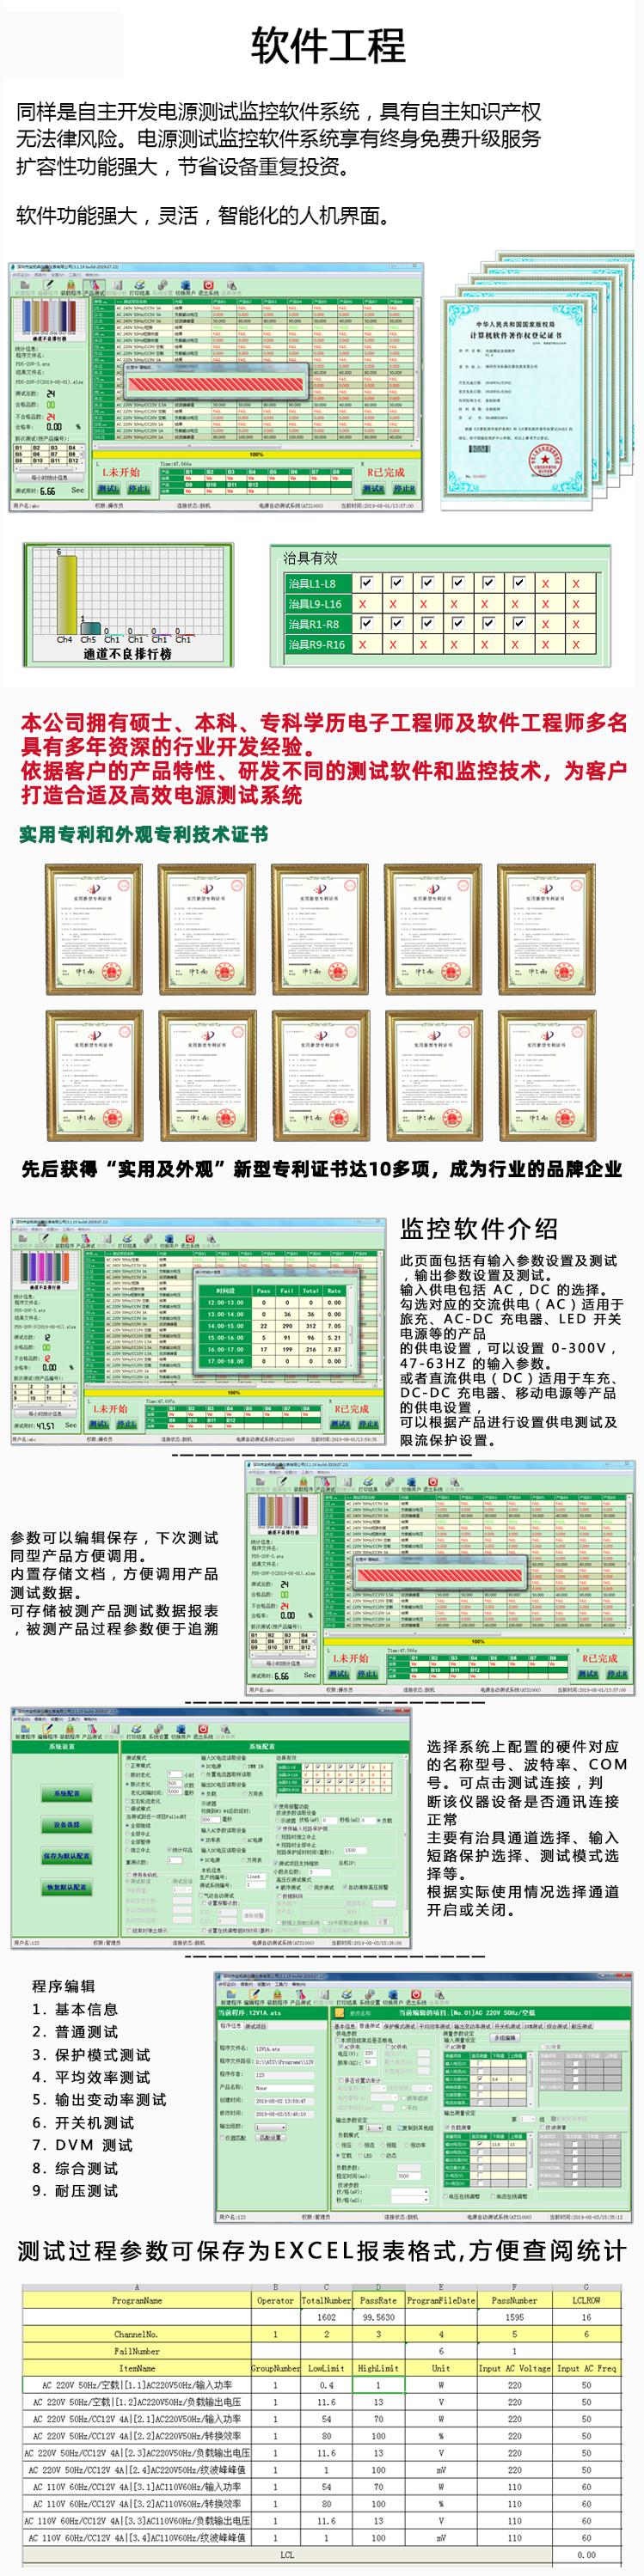 适配器测试系统